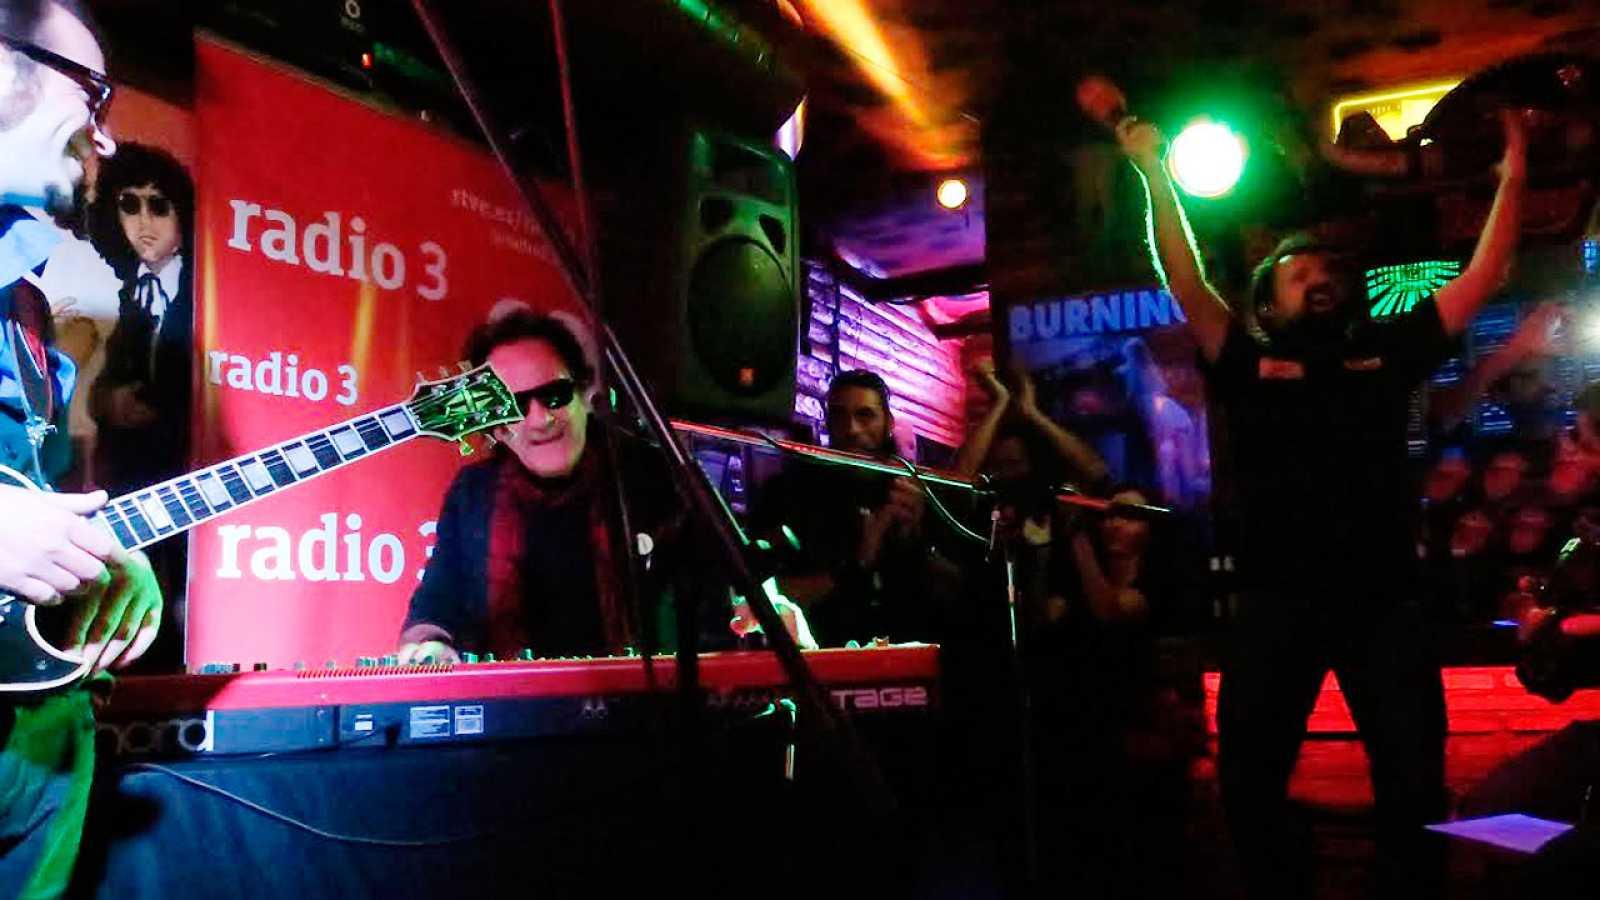 Celebramos 40 años de Burning en Radio 3 - escuchar ahora